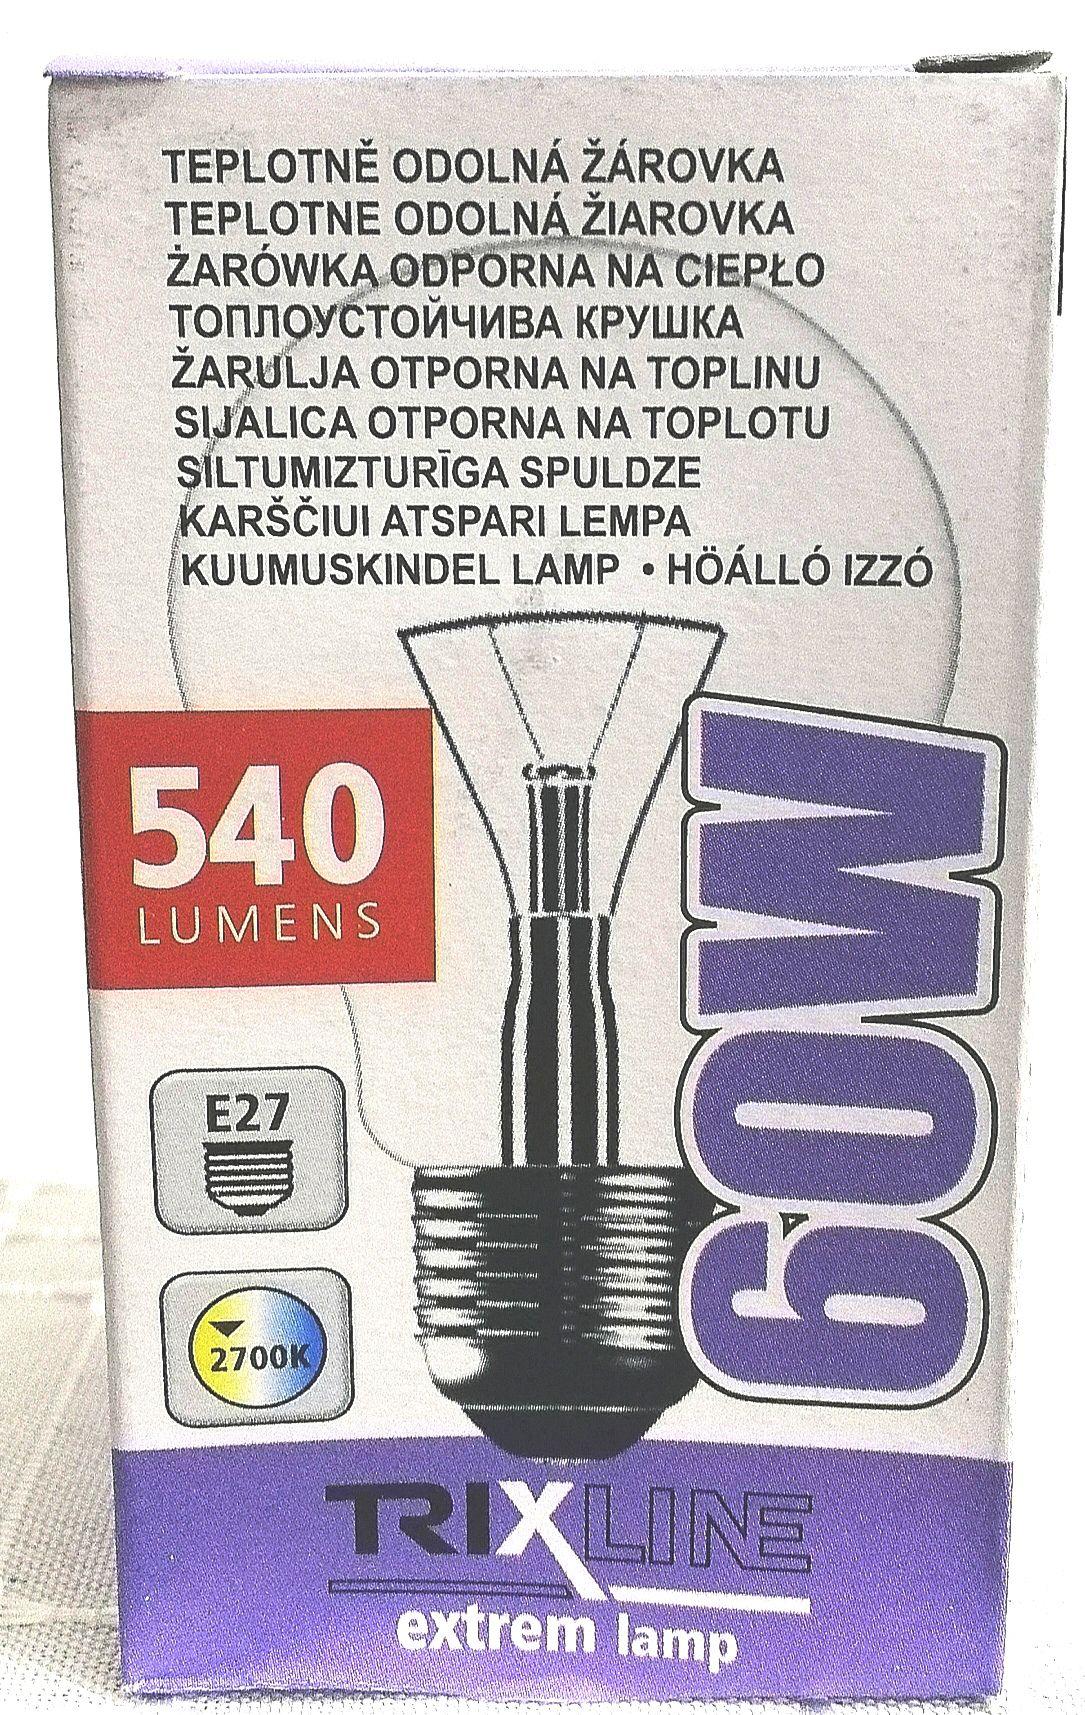 Hőálló izzó hagyományos 60W E27